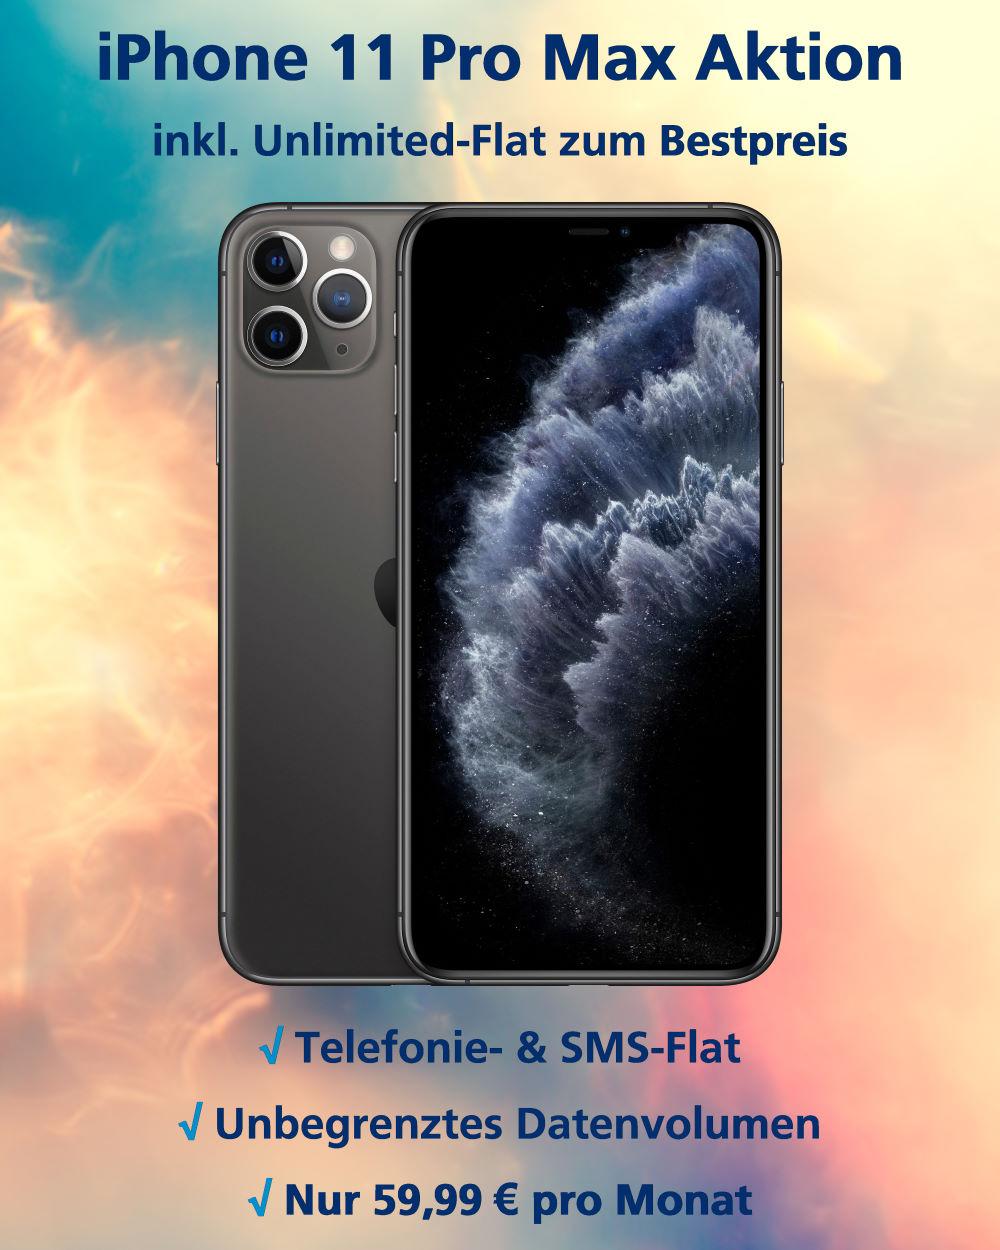 iPhone 11 Pro Max mit Unlimited-Flat zum absoluten Bestpreis